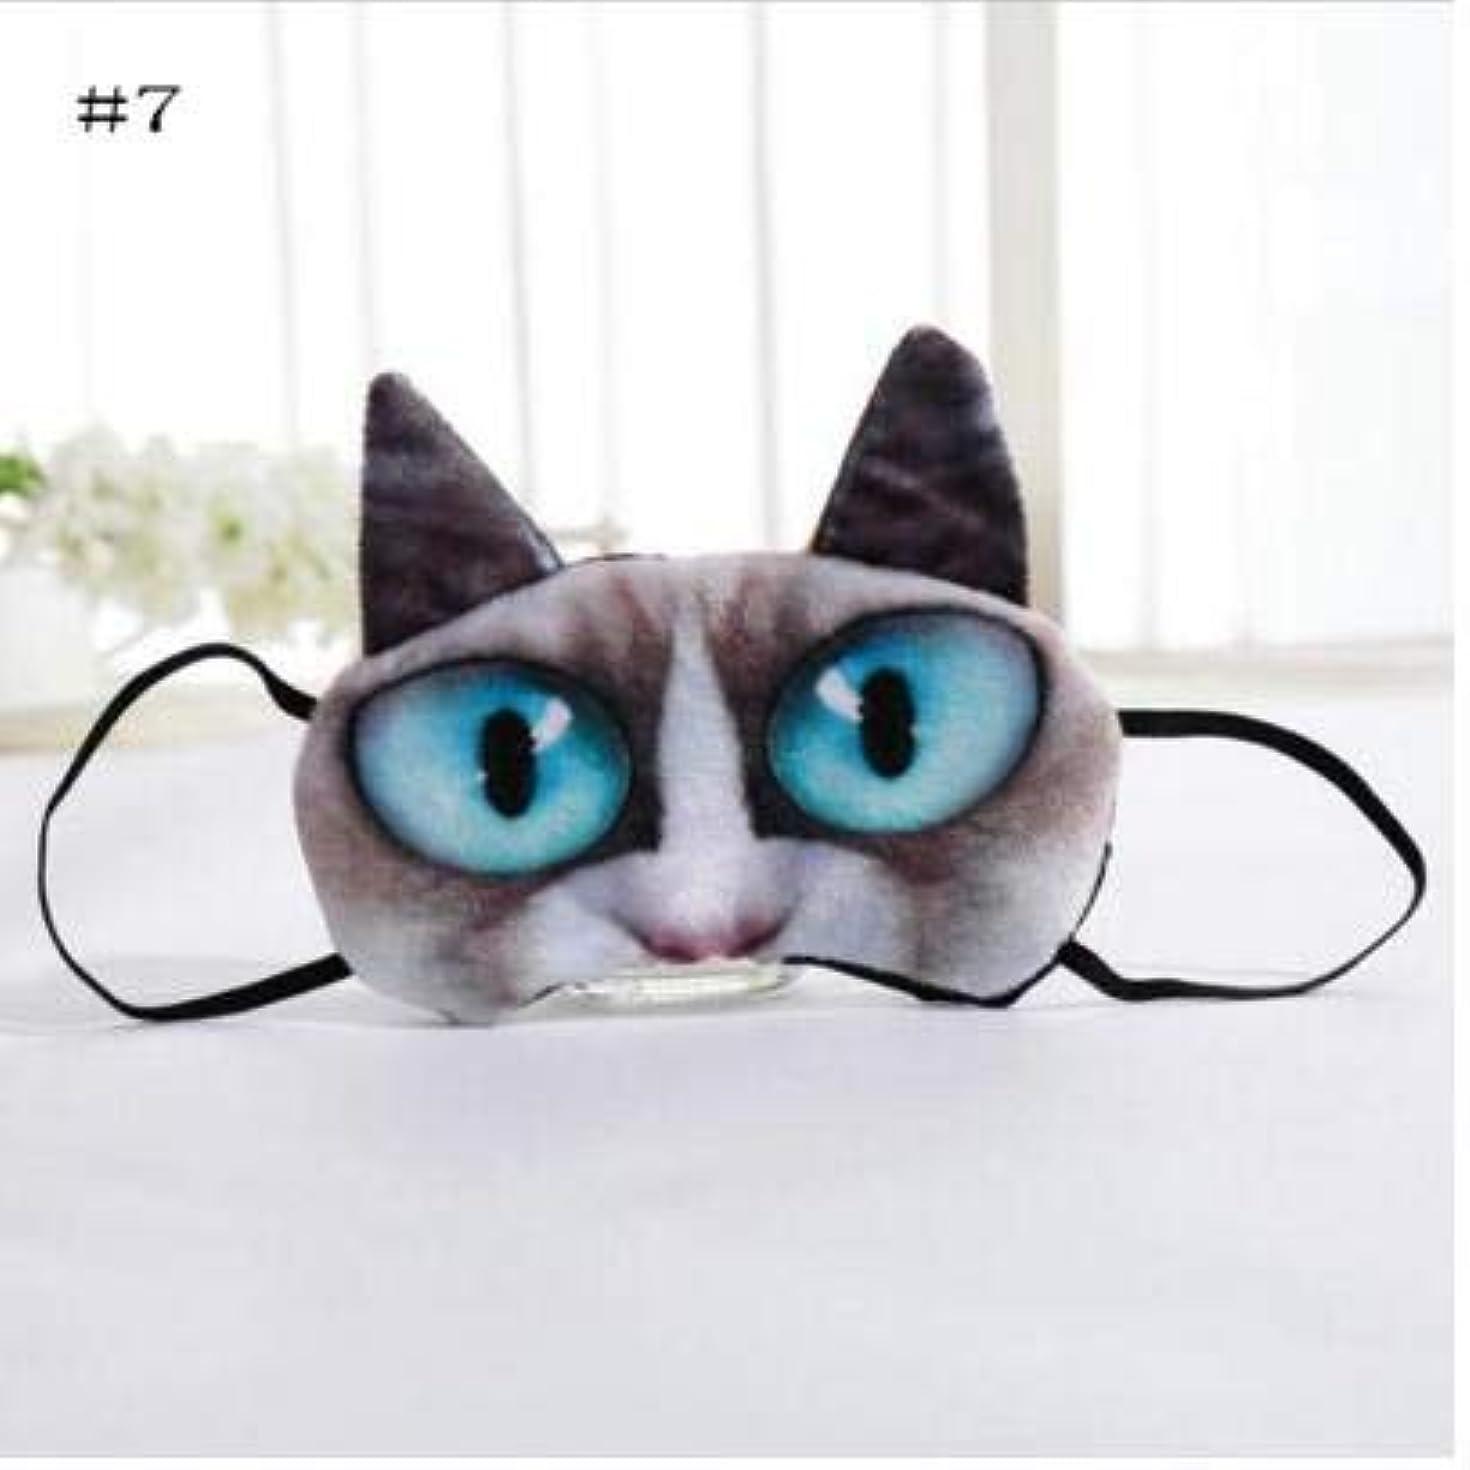 年次借りているペナルティNOTE 新しいかわいい漫画猫デザイン睡眠アイマスクよく残り通常のアイシェード熱い販売保護カバーMR085